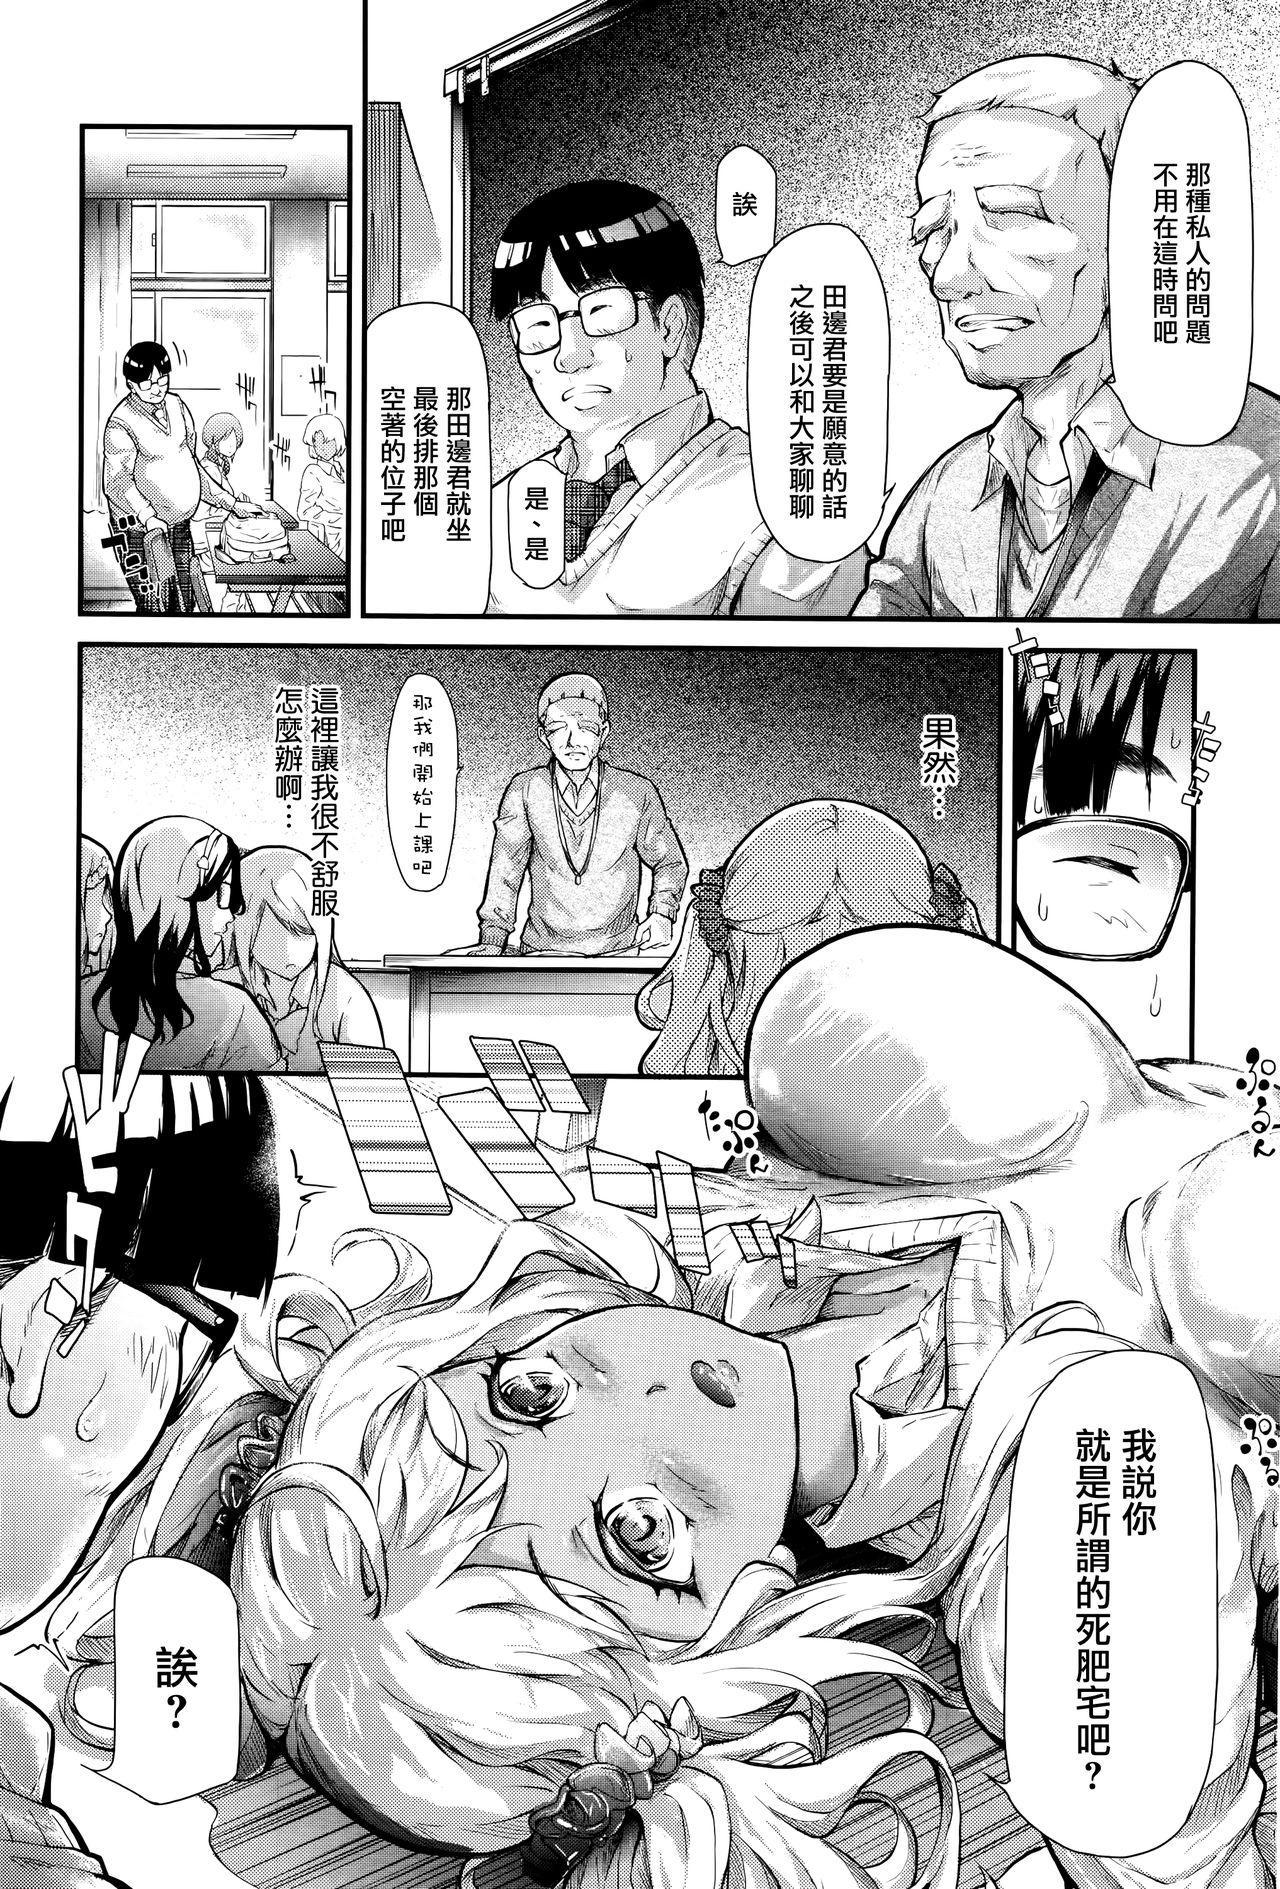 Gyaru to Tomodachi Hajimemashita - Become Friends with Gal 5